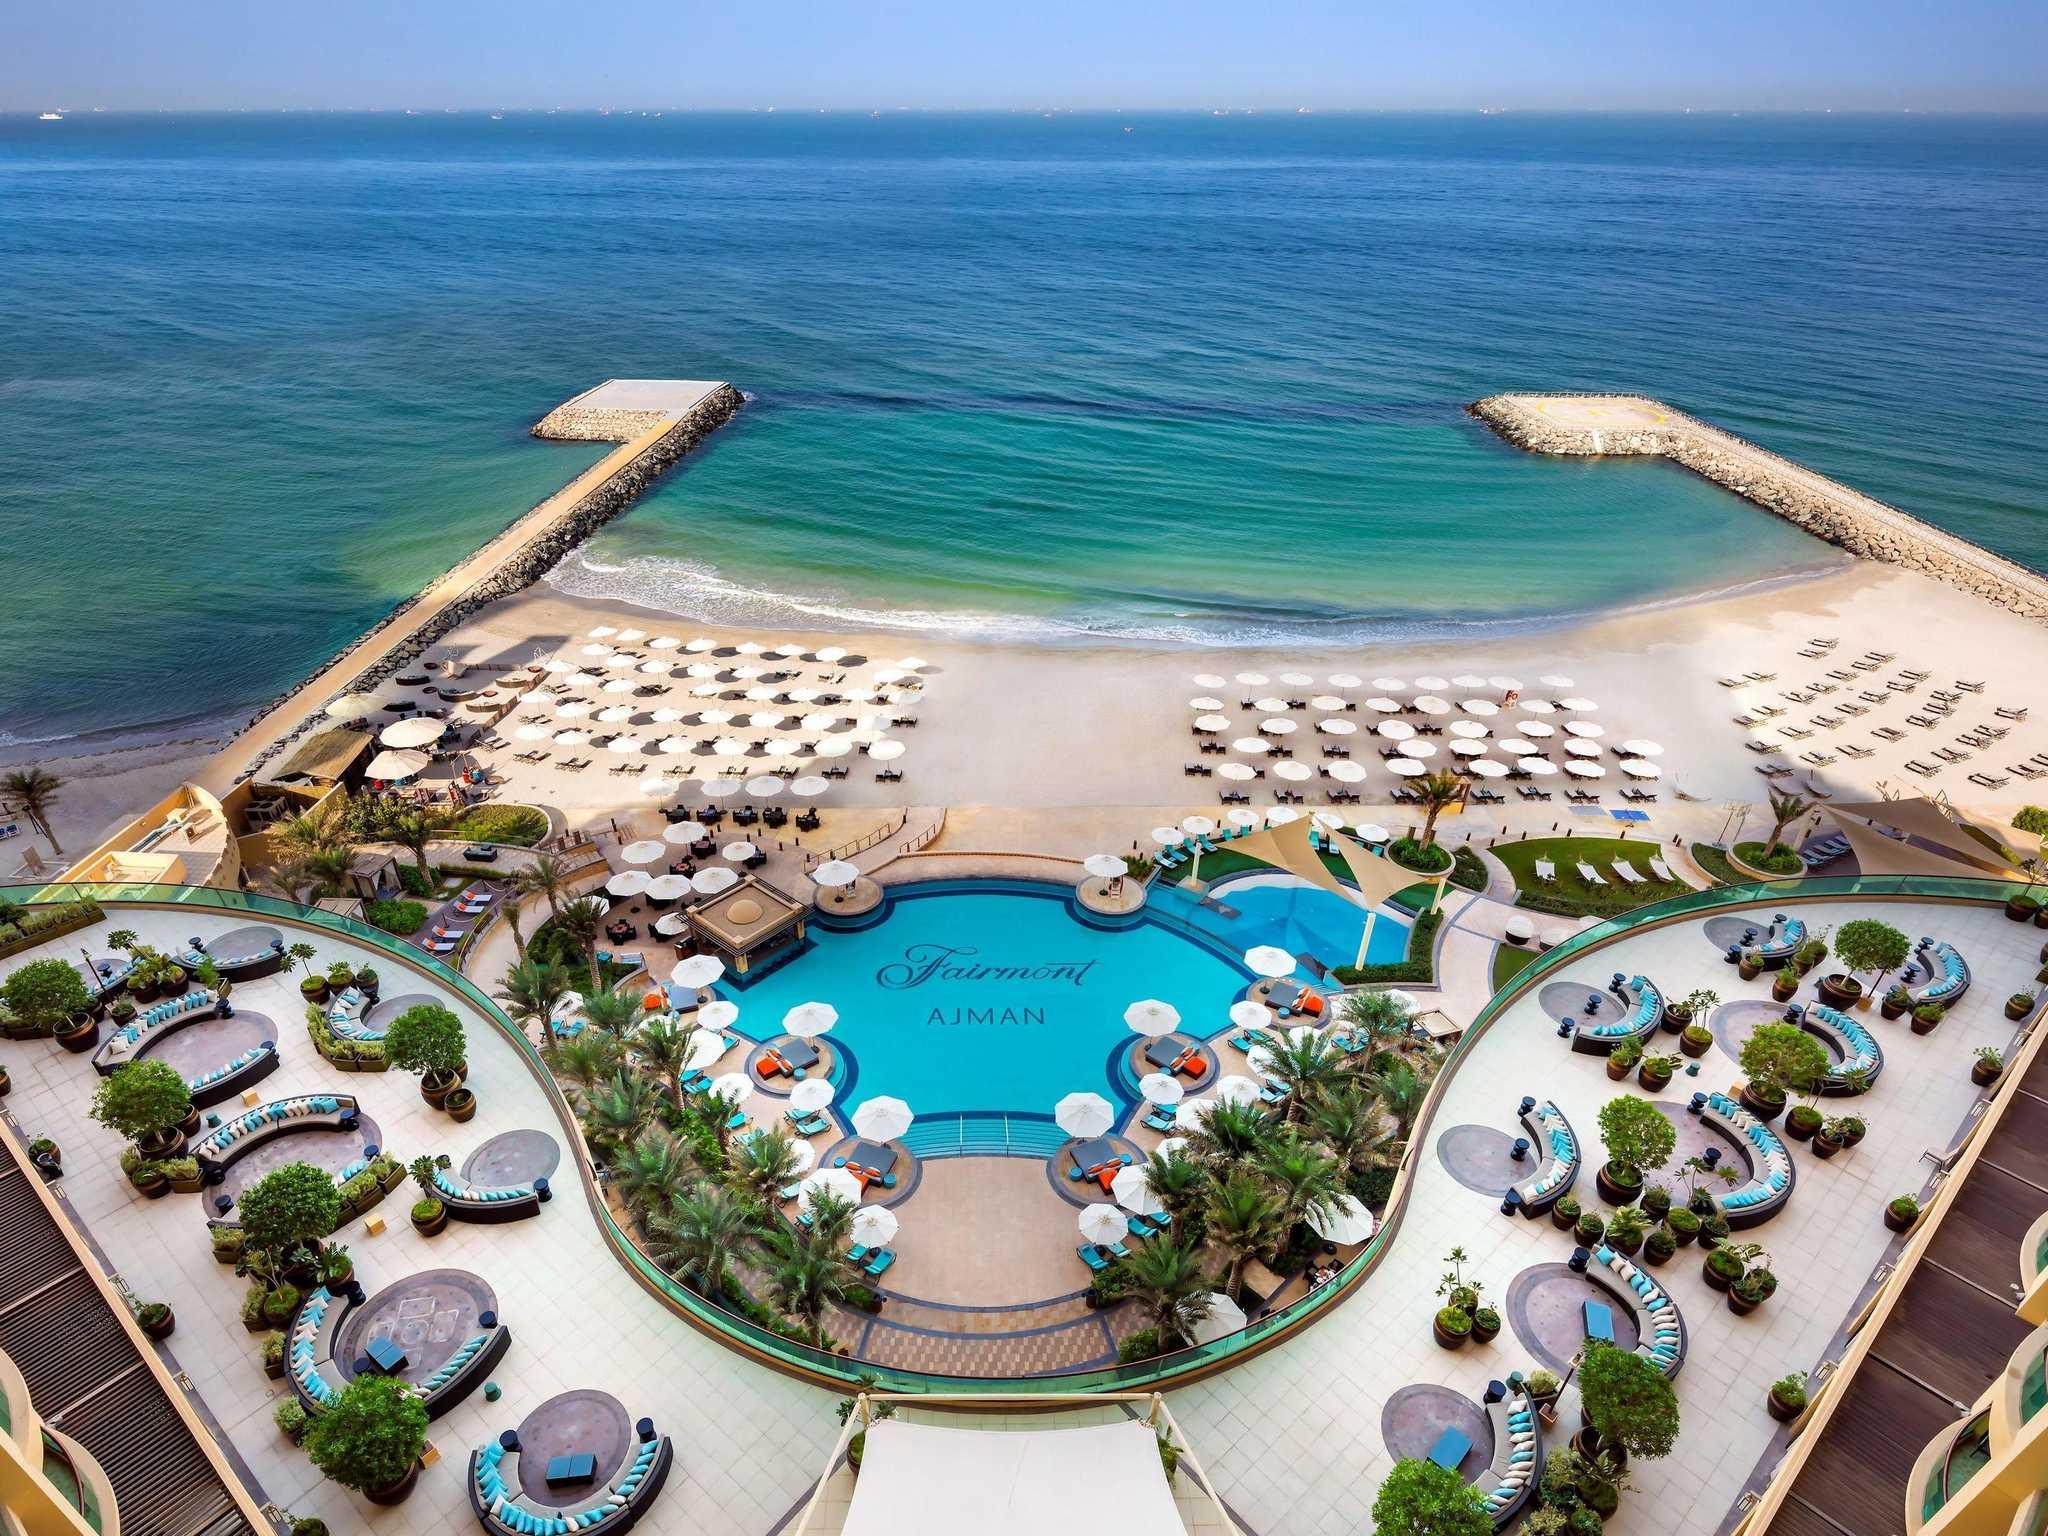 酒店 – Fairmont Ajman 酒店